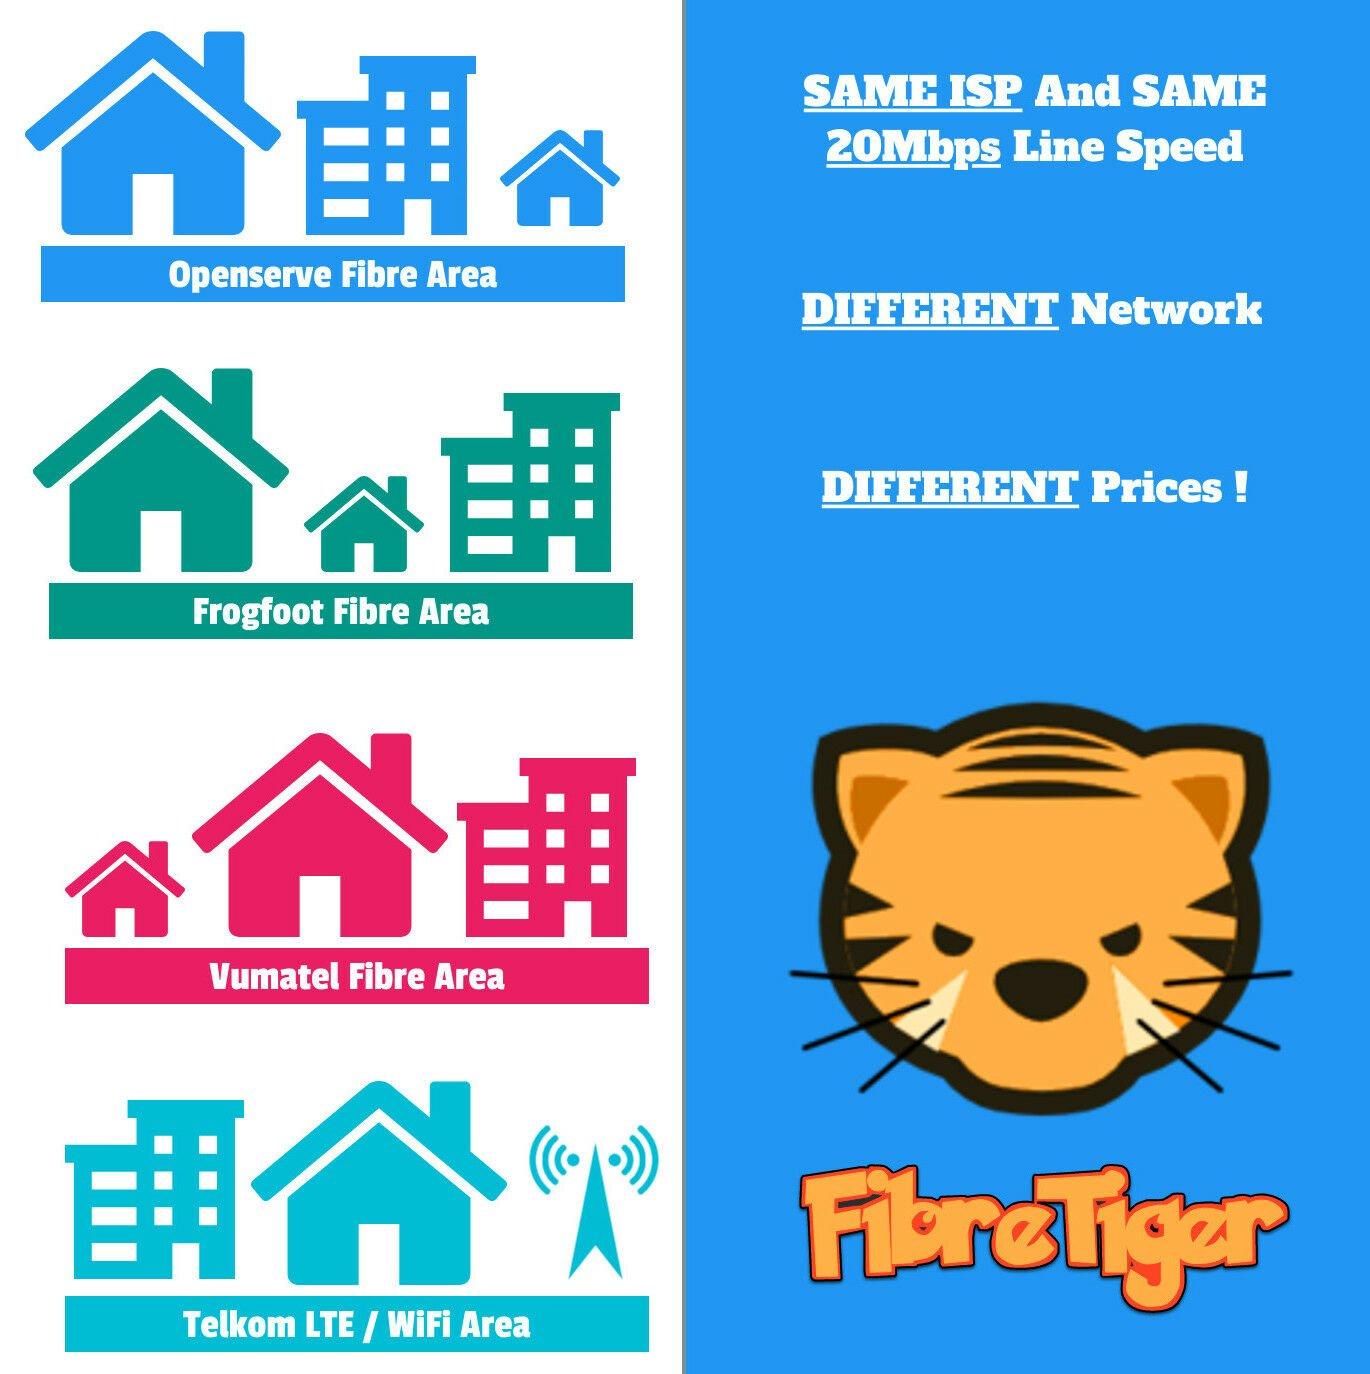 Telkom lte and fibre deals